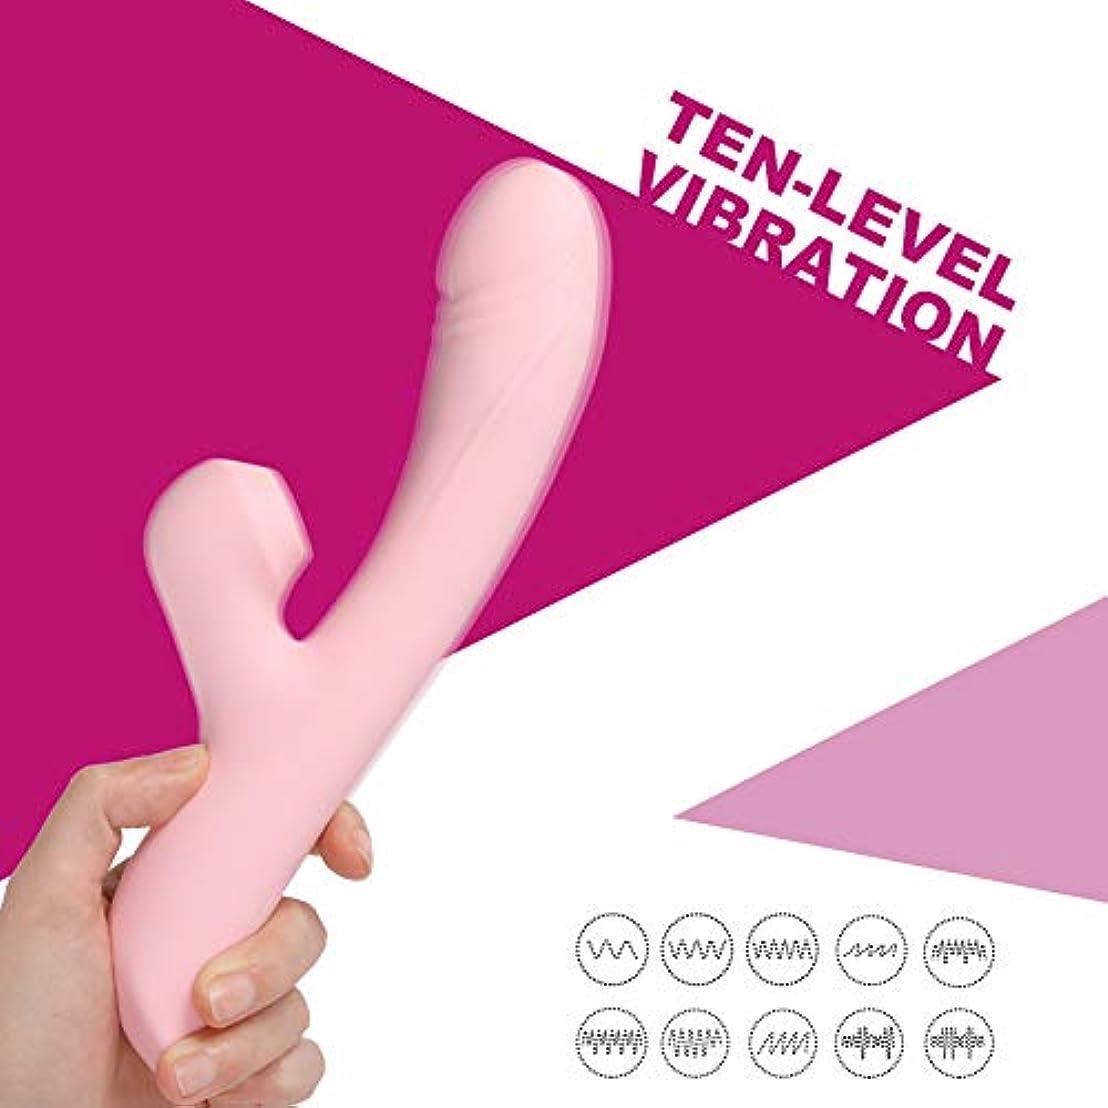 マーチャンダイジング騒乱資格おもちゃ オーガニック オイル 全身 人気 バイブレーター 加熱機能 潮吹き 女性 Gスポット 女性マッサージ器 アダルトグッズ (ピンク色)